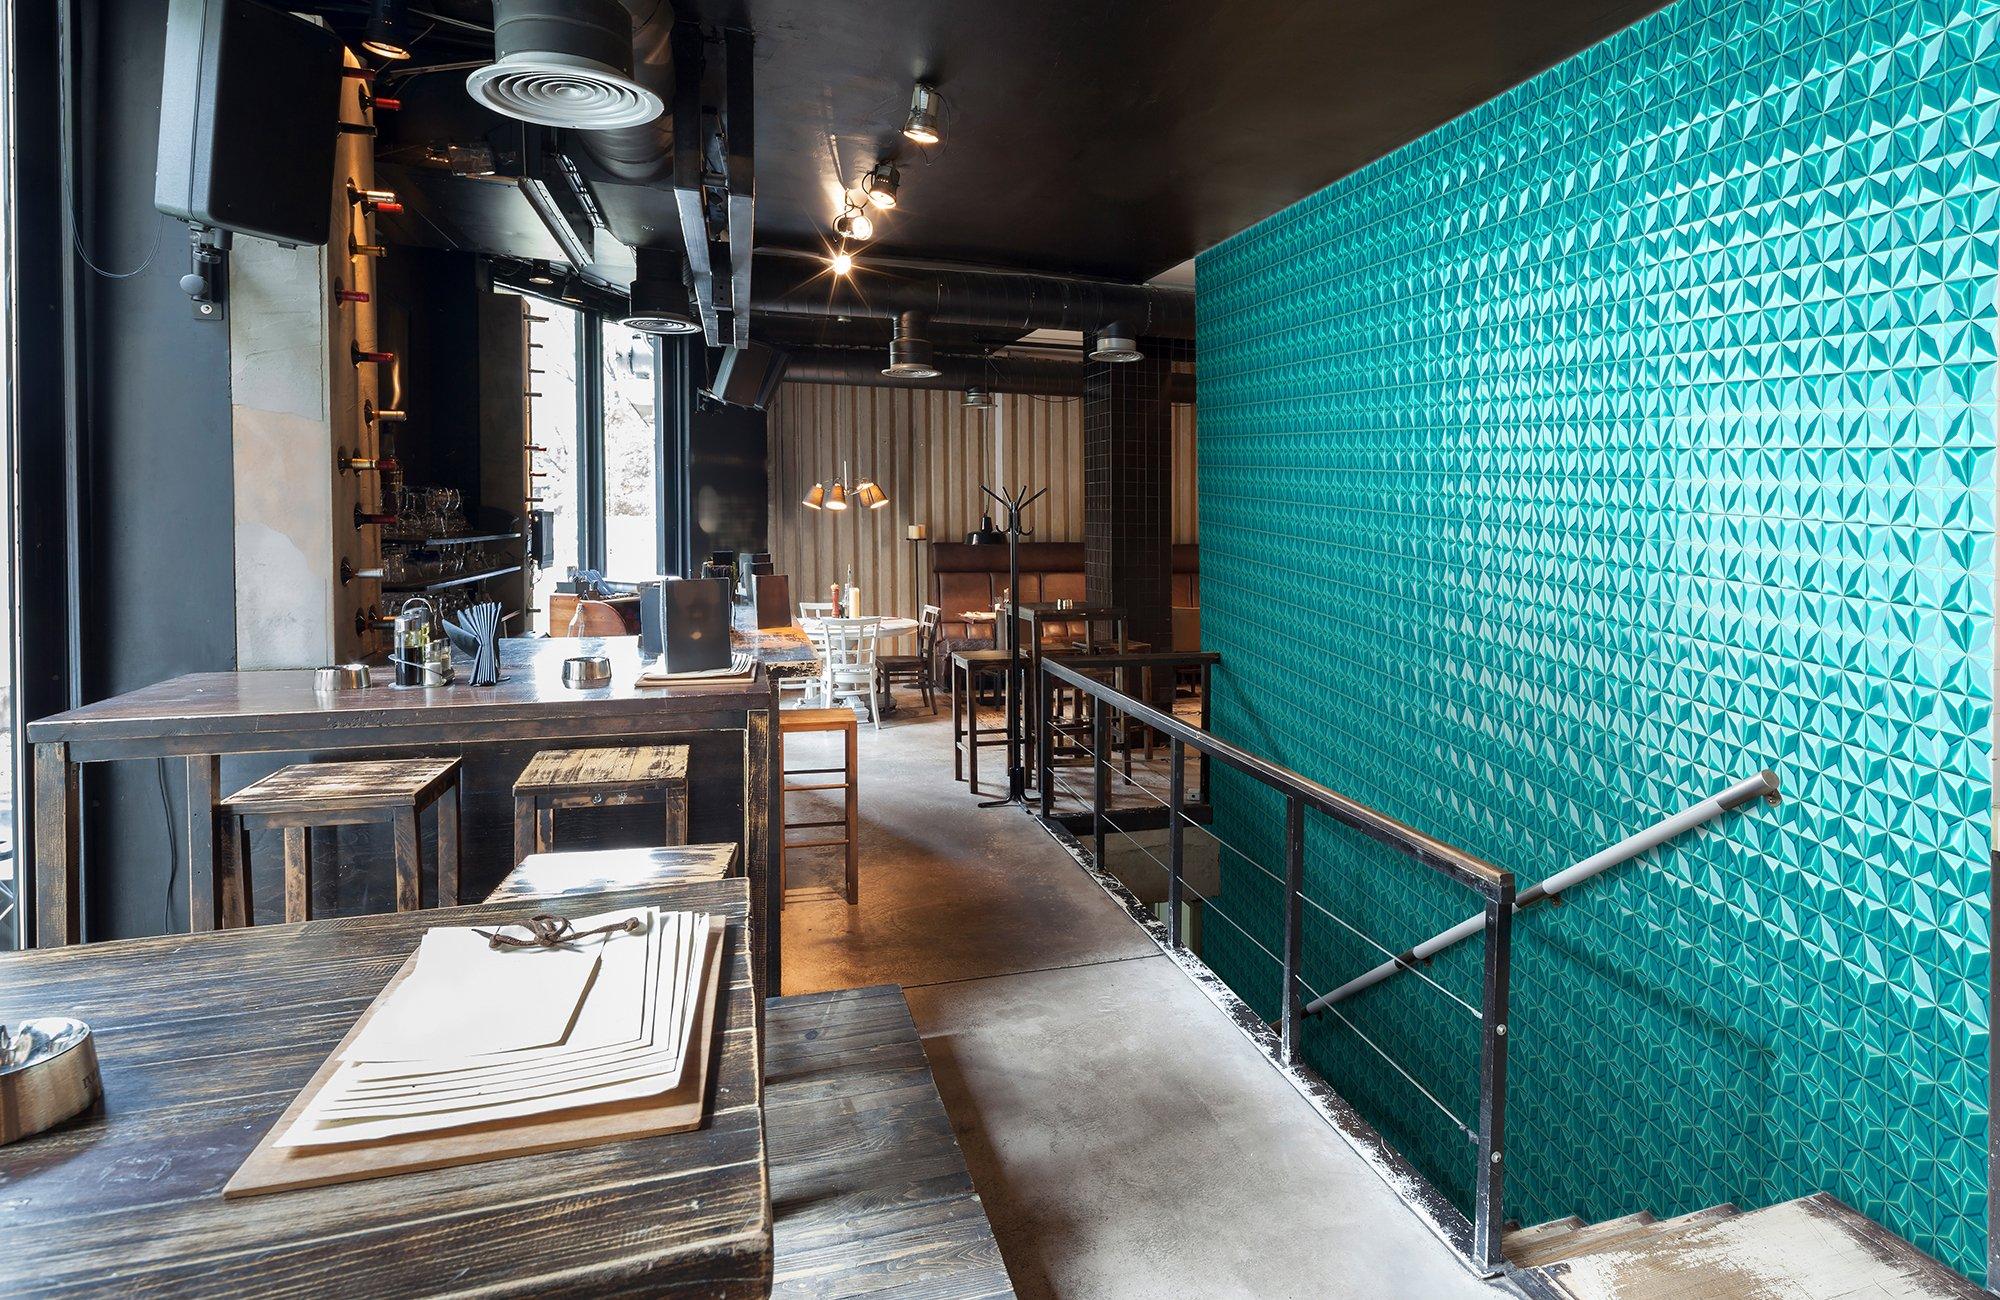 Handgefertigte Keramikfliesen für Restaurant: Die Statementwand besteht aus über 600 ORO BIANCO TILES LUX, glasiert in türkis-craquelée